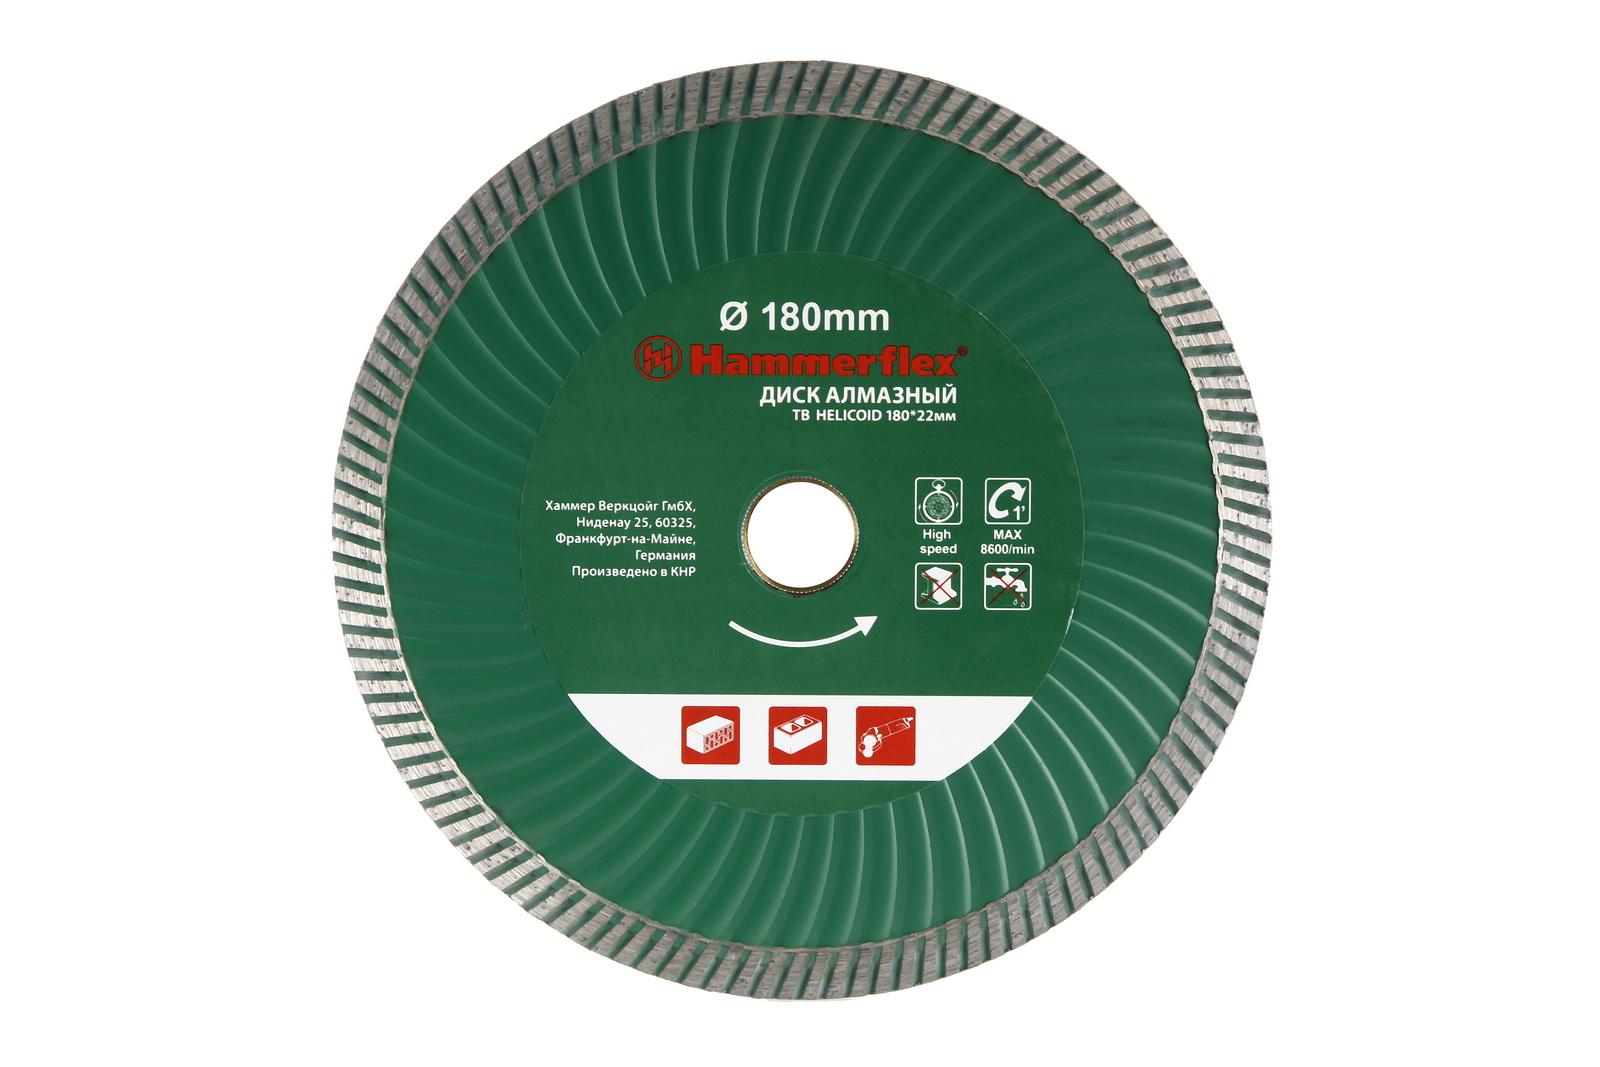 Круг алмазный Hammer 206-139 db tb helicoid круг алмазный практика 030 740 da 180 22t 180 х 22 турбо